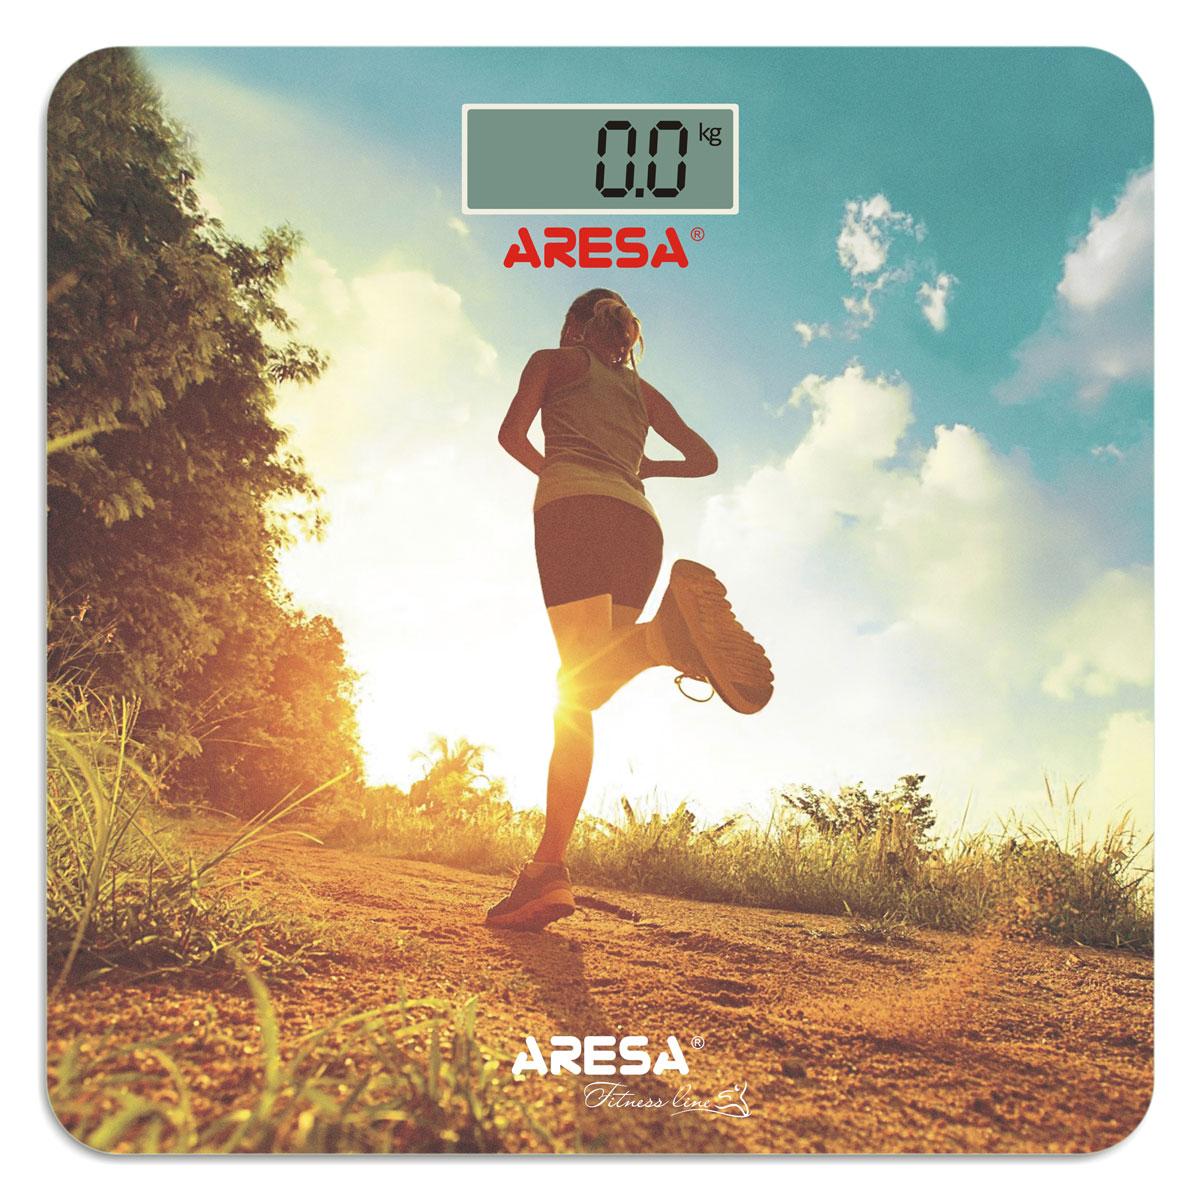 Aresa SB-310 напольные весыSB-310Напольные электронные весы Aresa SB-310 с электронной системой взвешивания на четырех тензоэлектрических датчиках - неотъемлемый атрибут здорового образа жизни. Они необходимы тем, кто следит за своим здоровьем, весом, ведет активный образ жизни, занимается спортом и фитнесом. Очень удобны для будущих мам, постоянно контролирующих прибавку в весе, также рекомендуются родителям, внимательно следящим за весом своих детей. Минимальная нагрузка: 2,5 кг